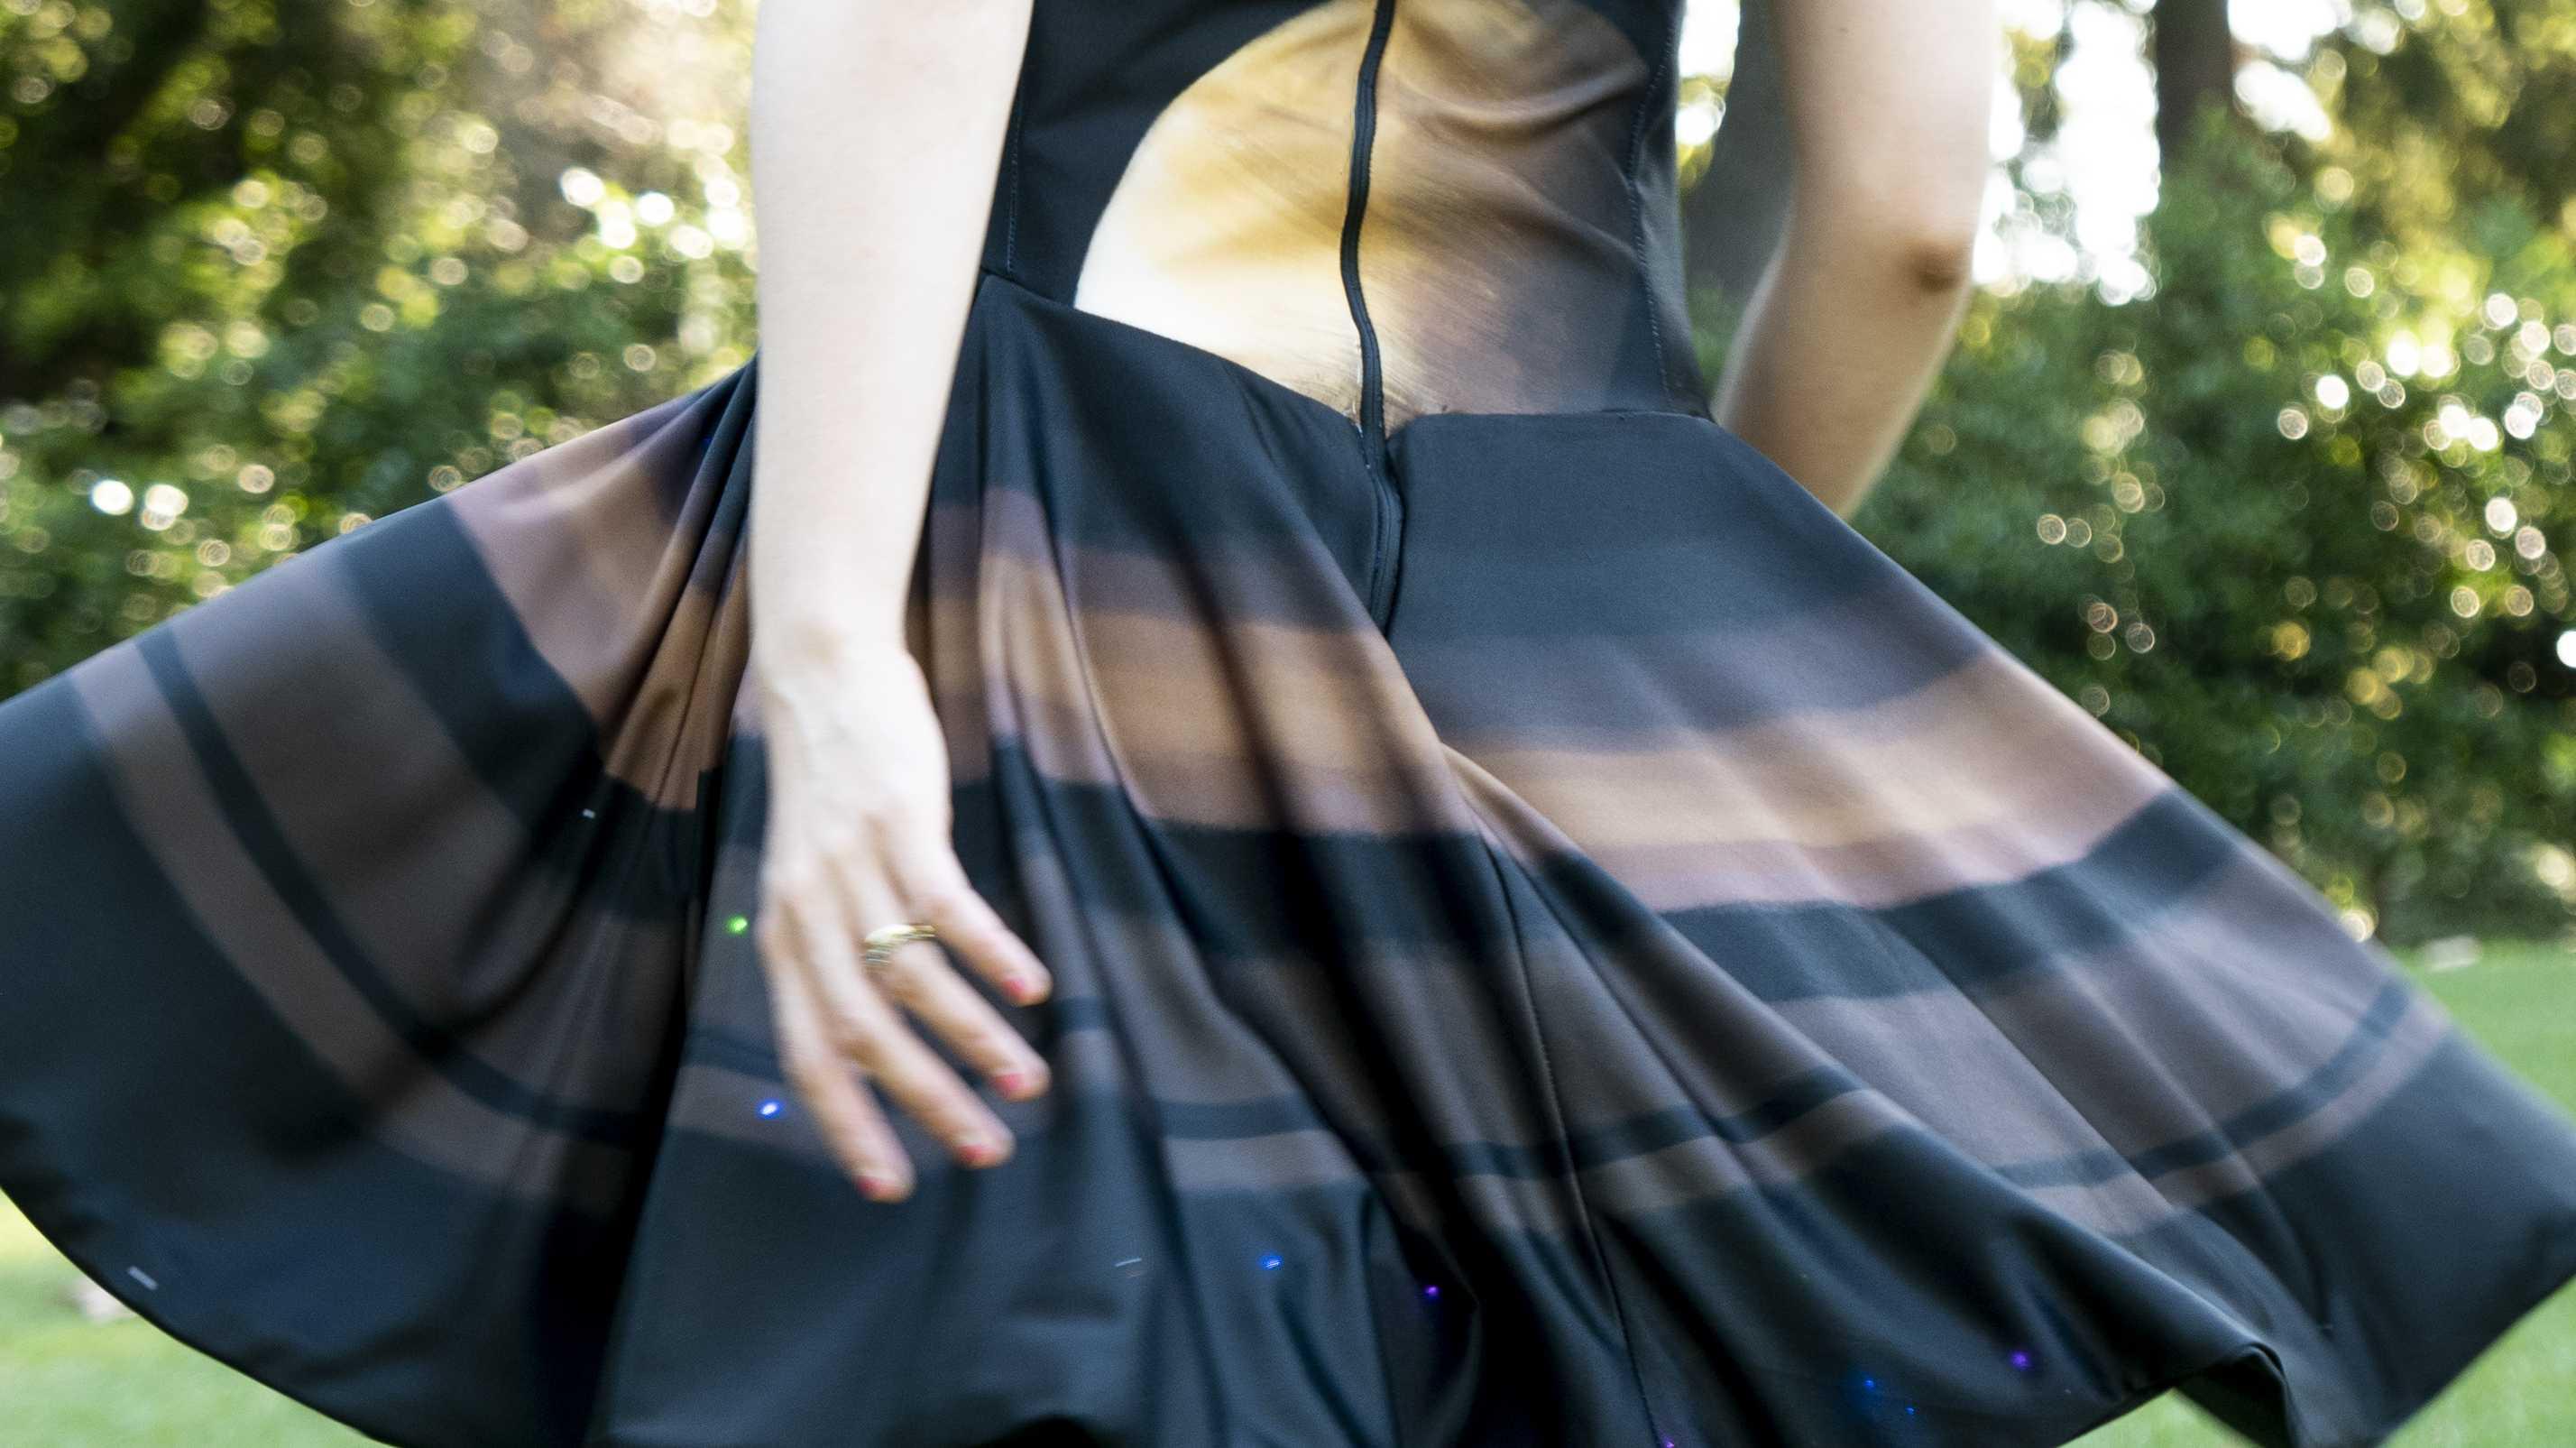 Eine Person trägt ein Kleid, dessen Rock durch die Luft schwingt, darauf leuchten LEDs.